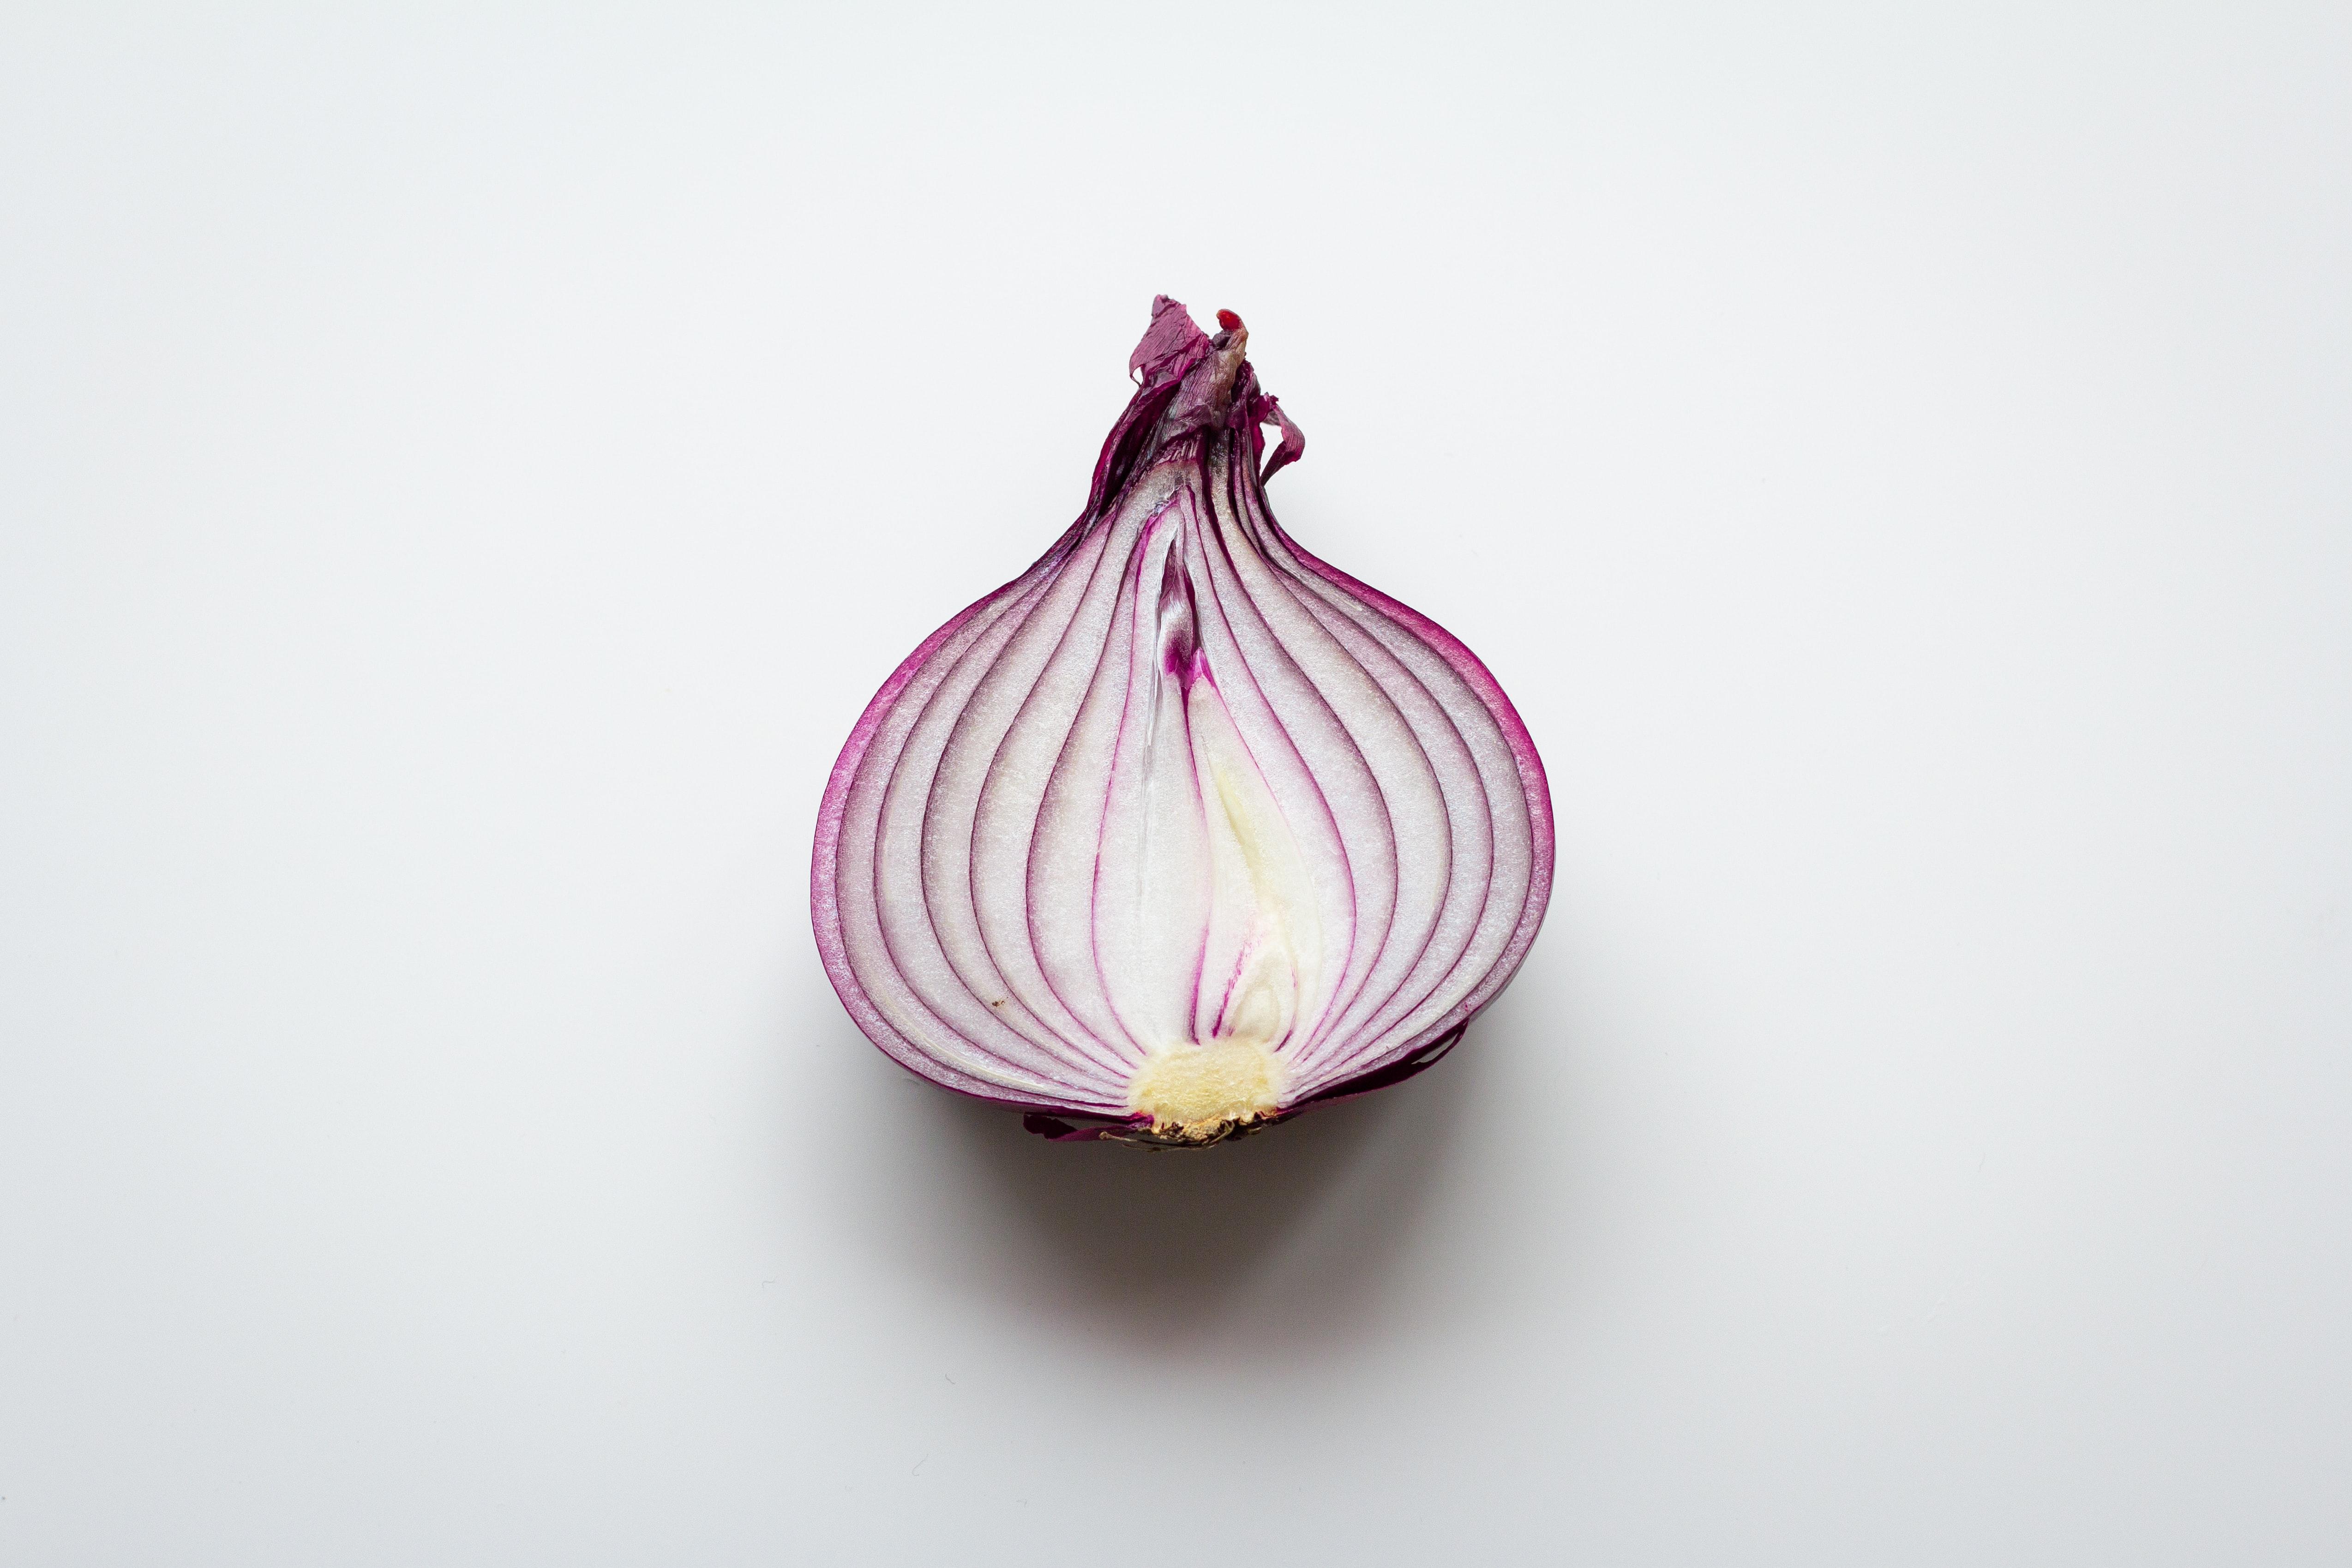 Garlic and Onion/k8-0_fkPHulv-M-unsplash.jpg